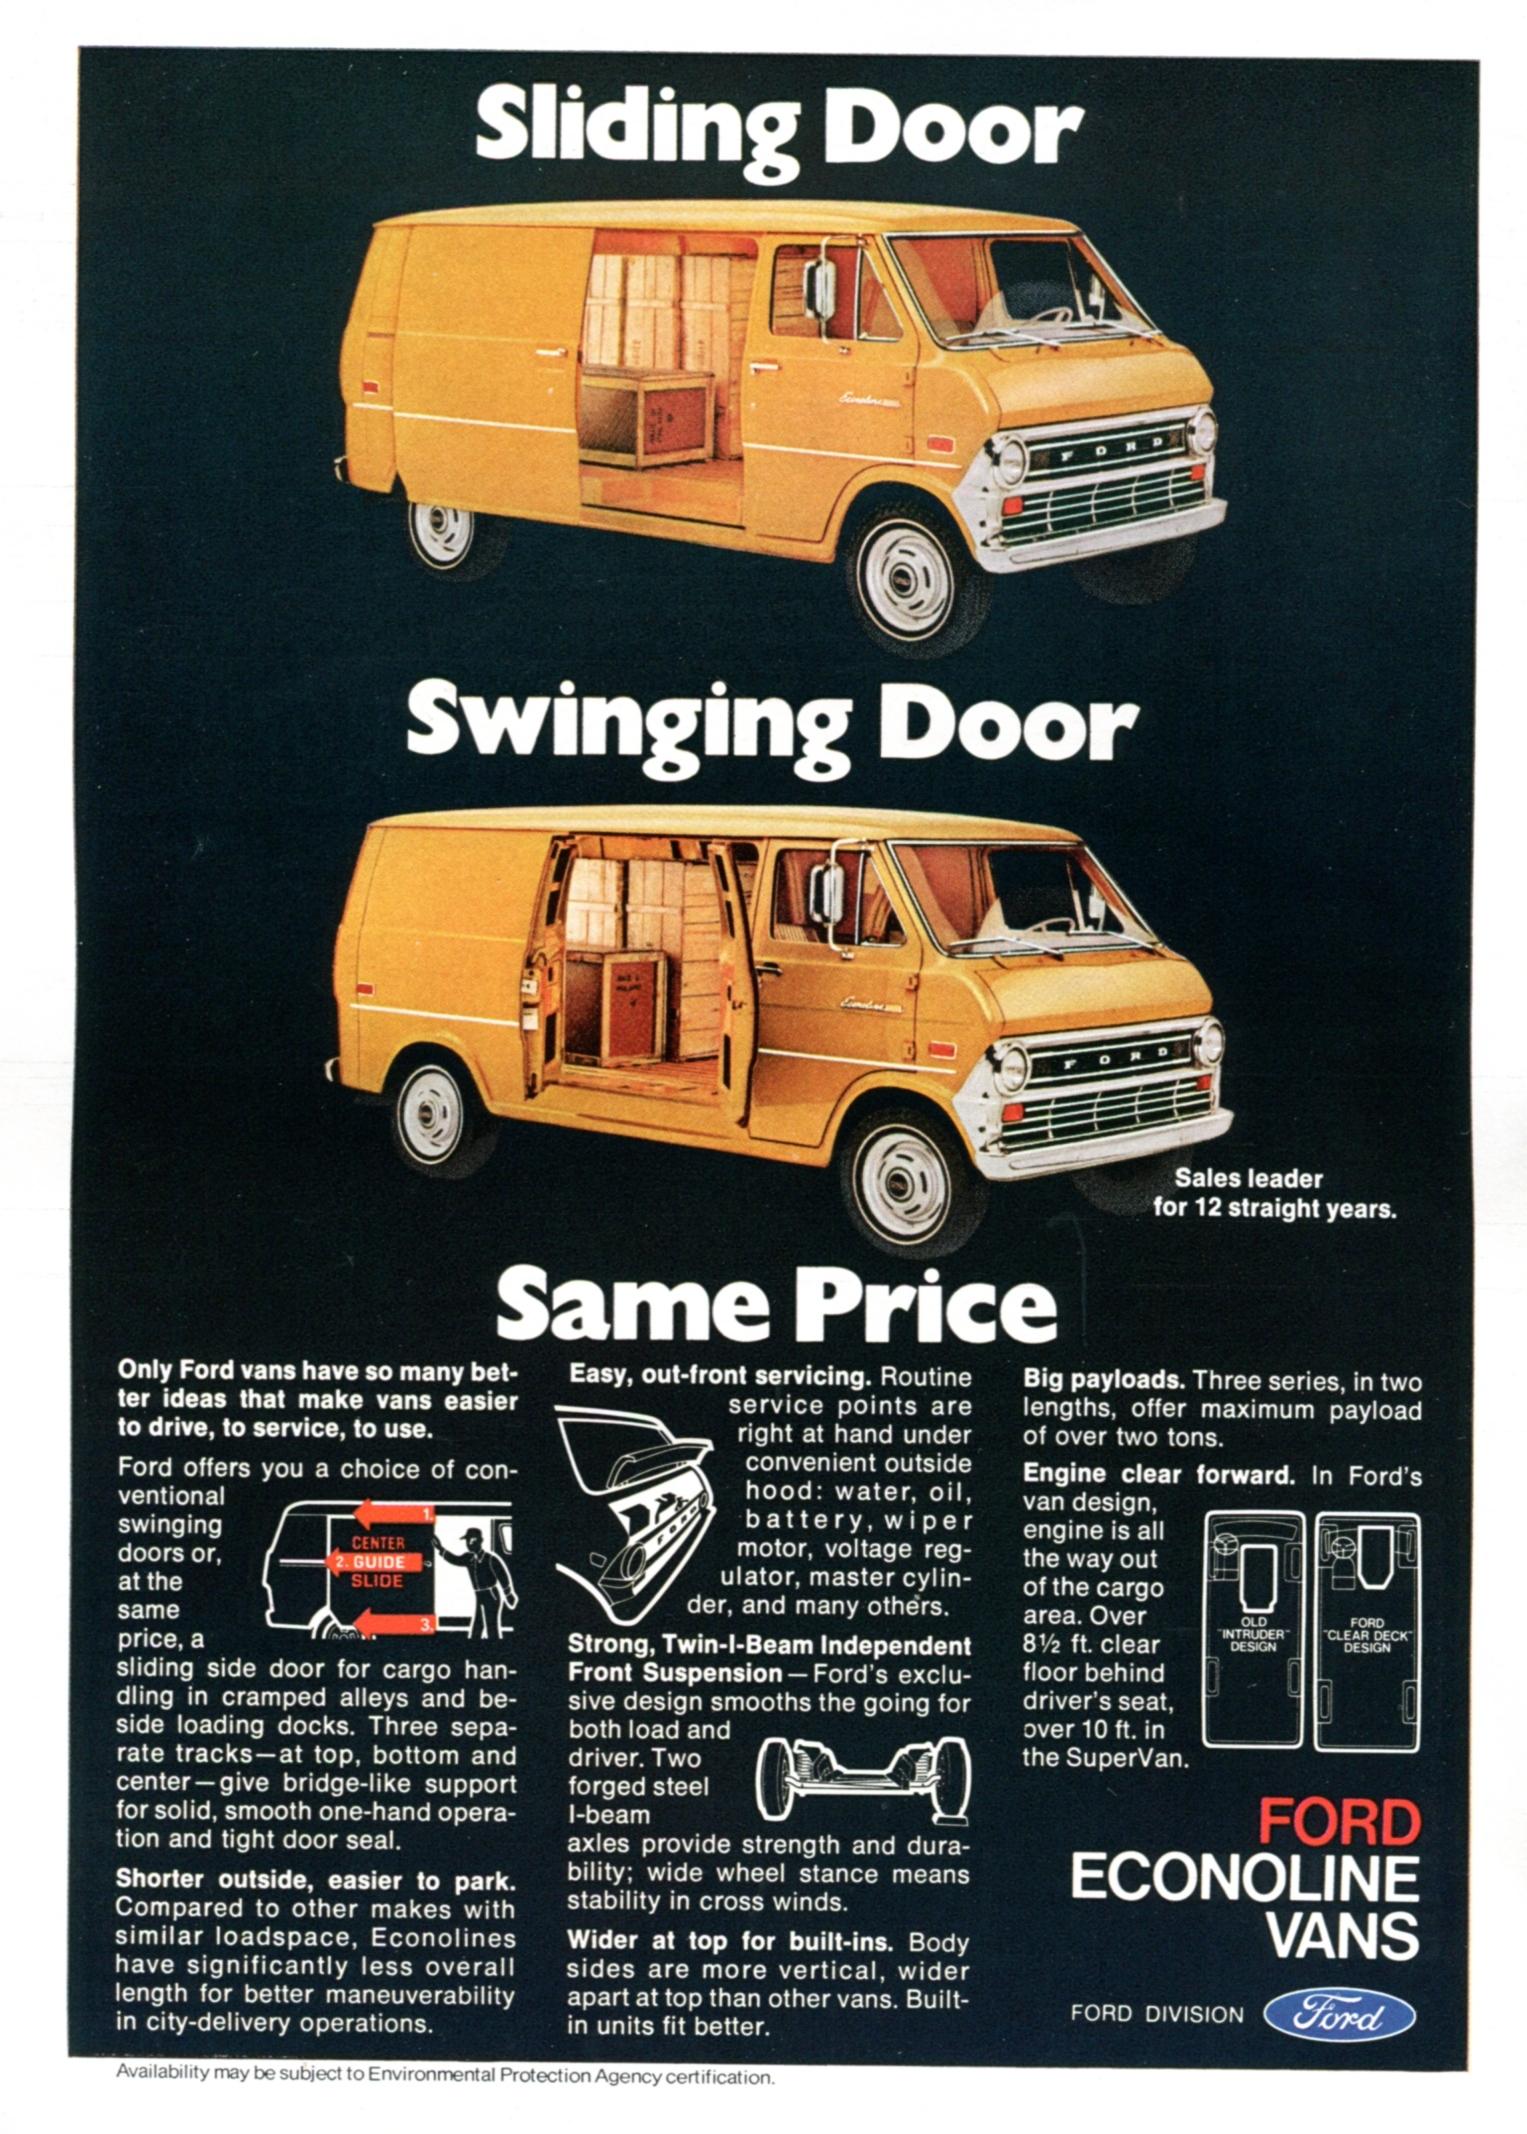 Sliding Door Swinging Door Same Price | Print Ads | HobbyDB